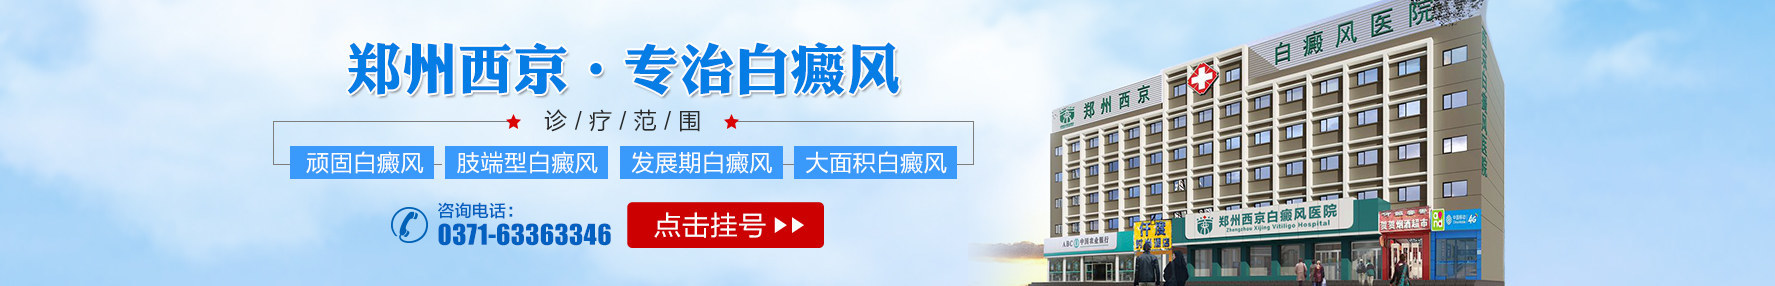 郑州白癜风医院